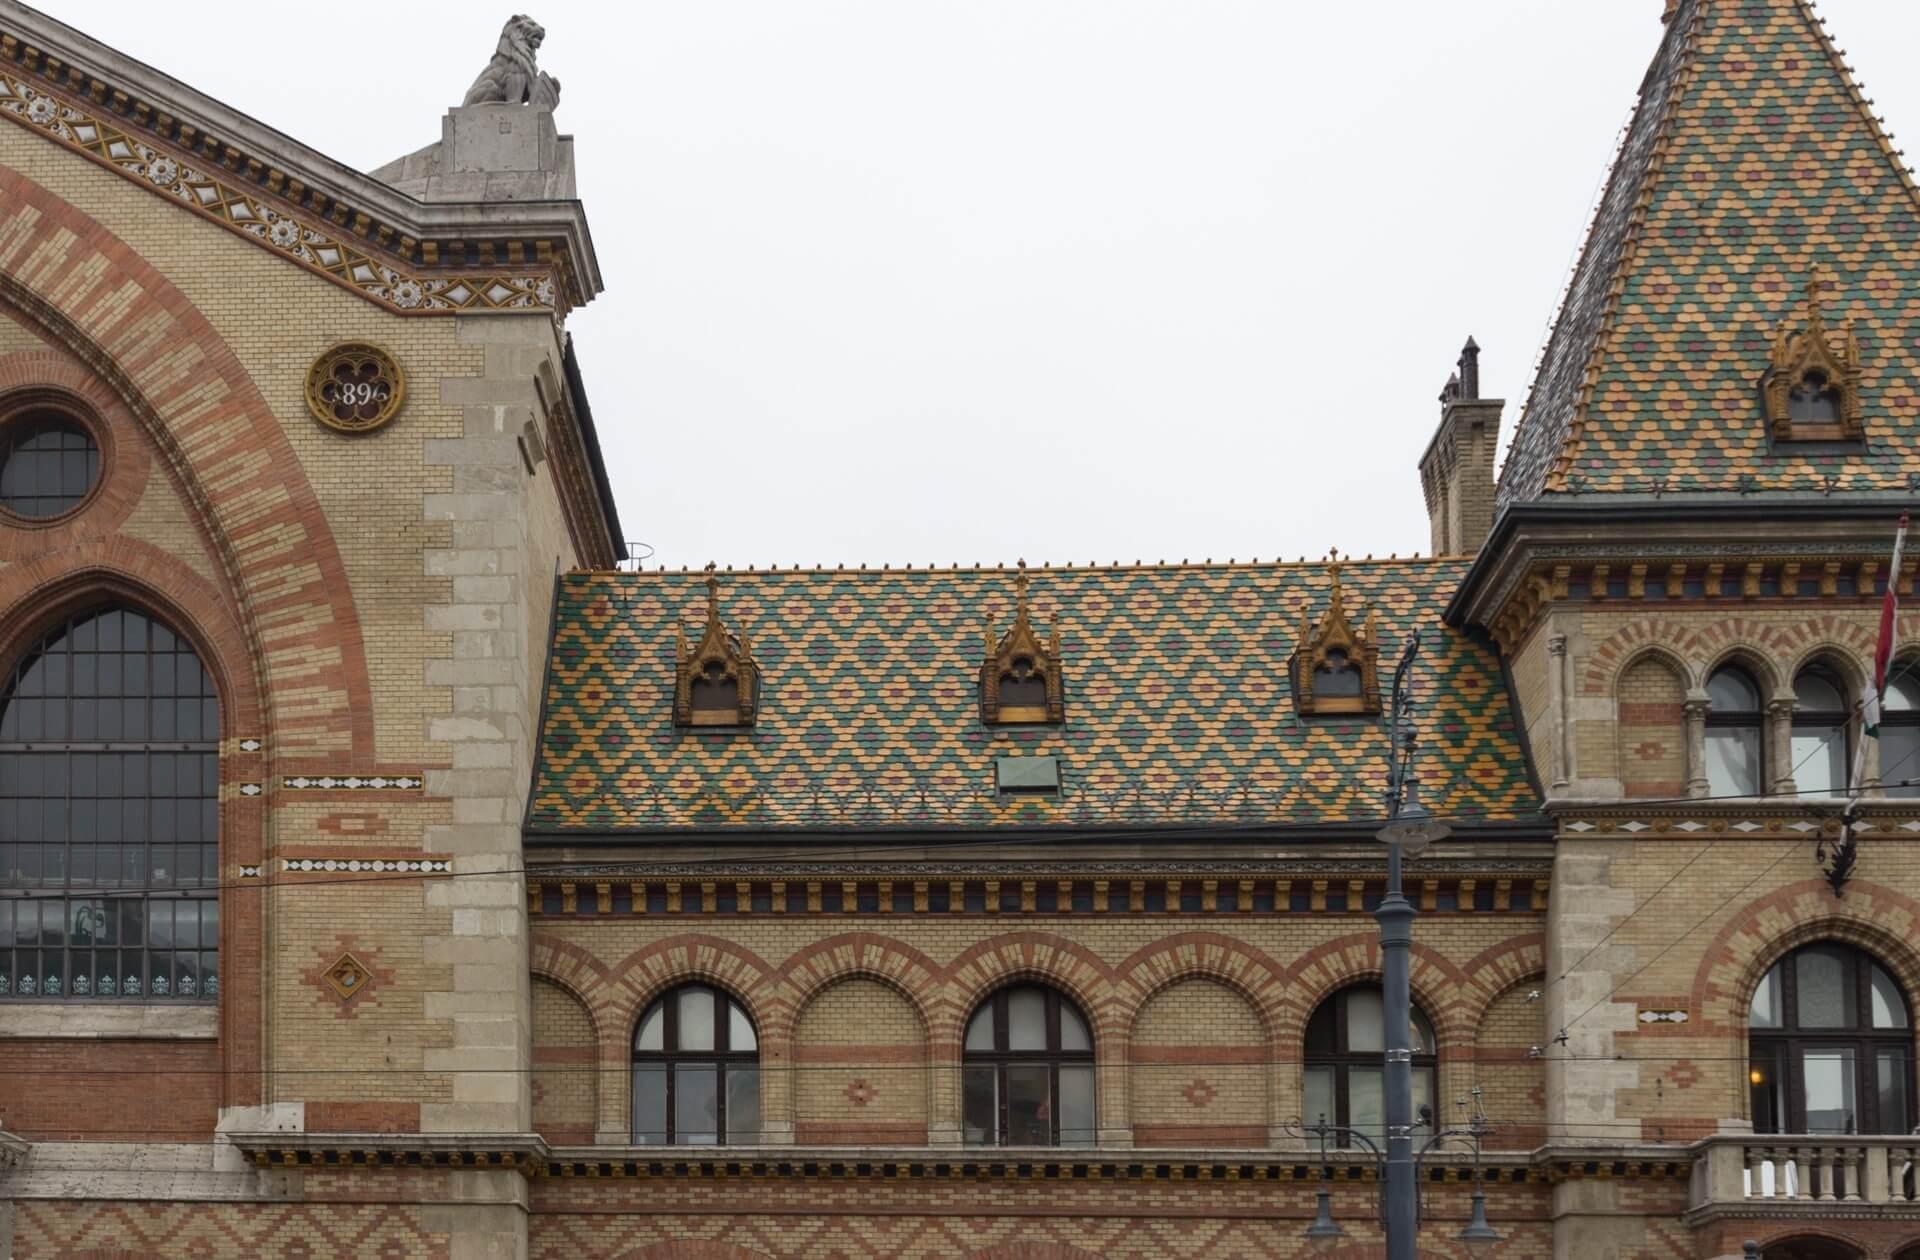 Markthalle Budapest, Dachziegel aus Zsolnay-Keramik